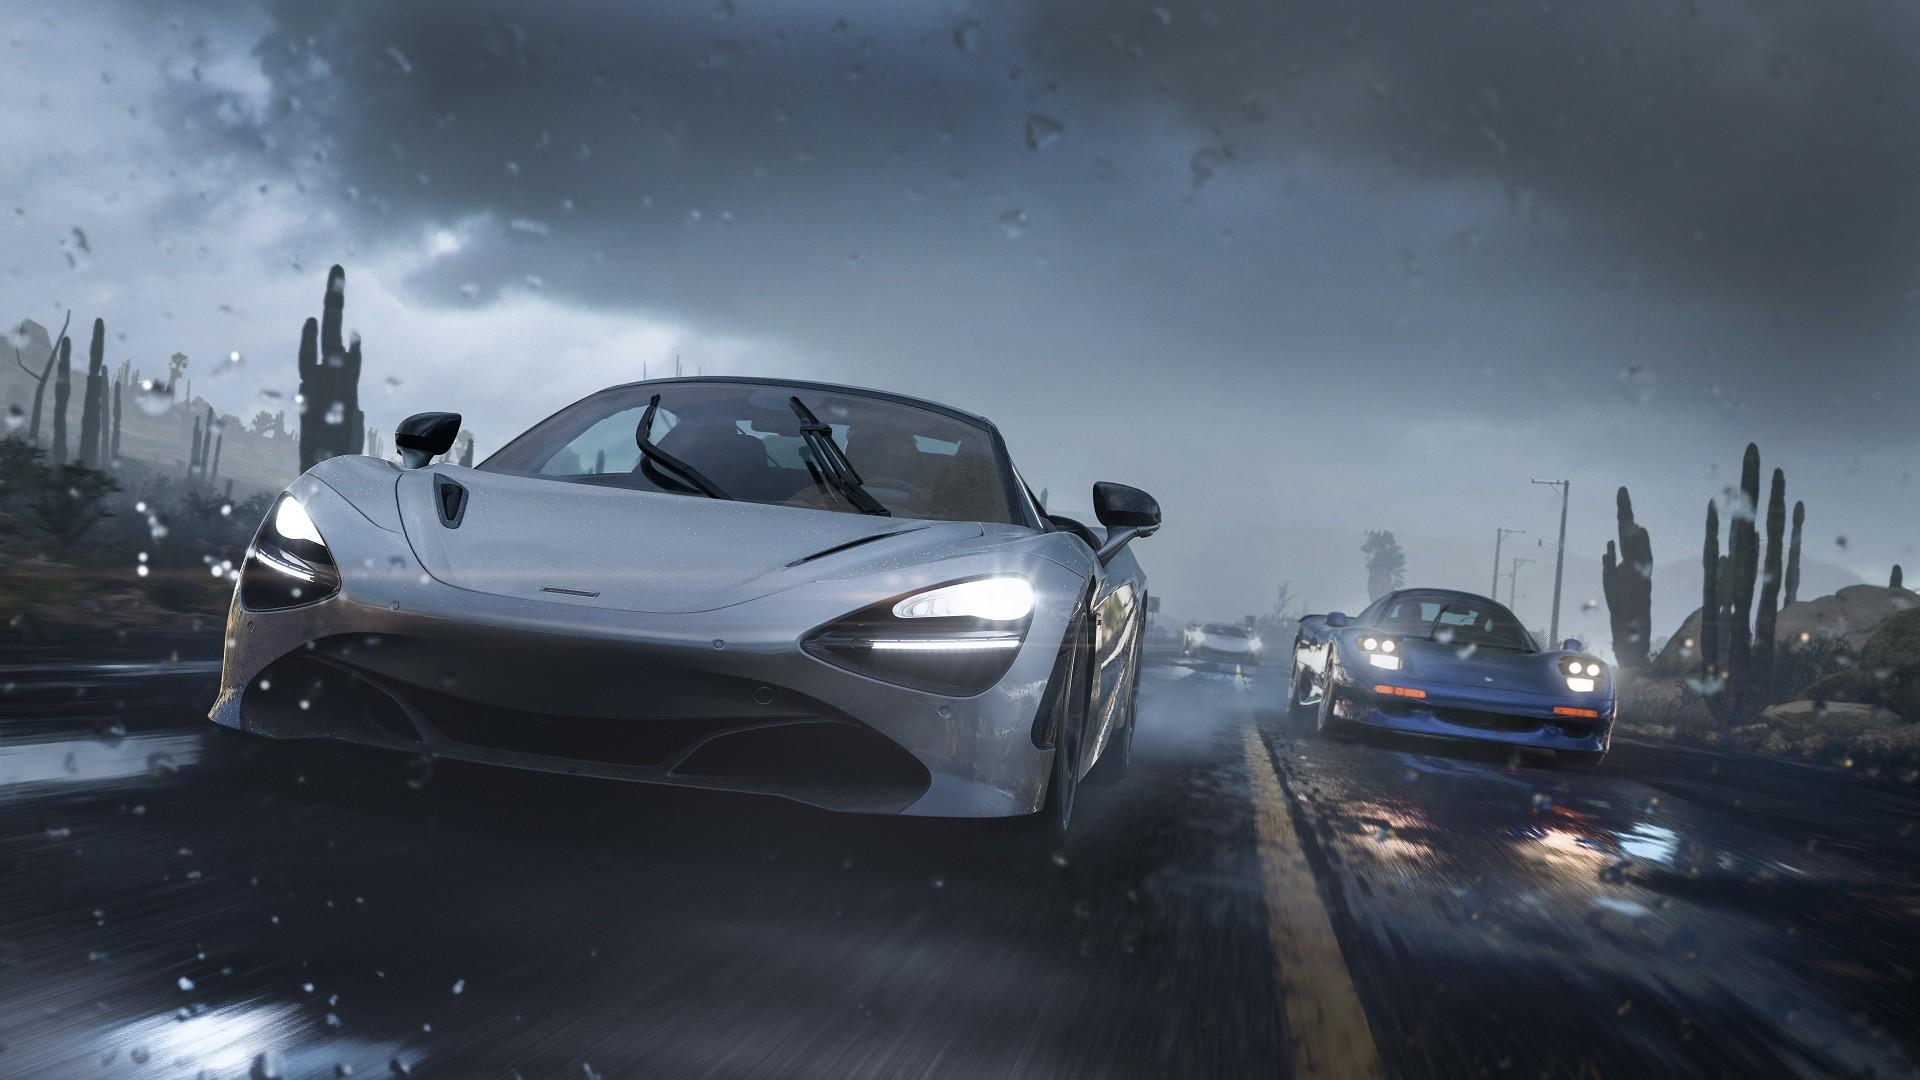 Forza Horizon 5: Premium Edition (Xbox Game Studios) (RUS|ENG|MULTi)